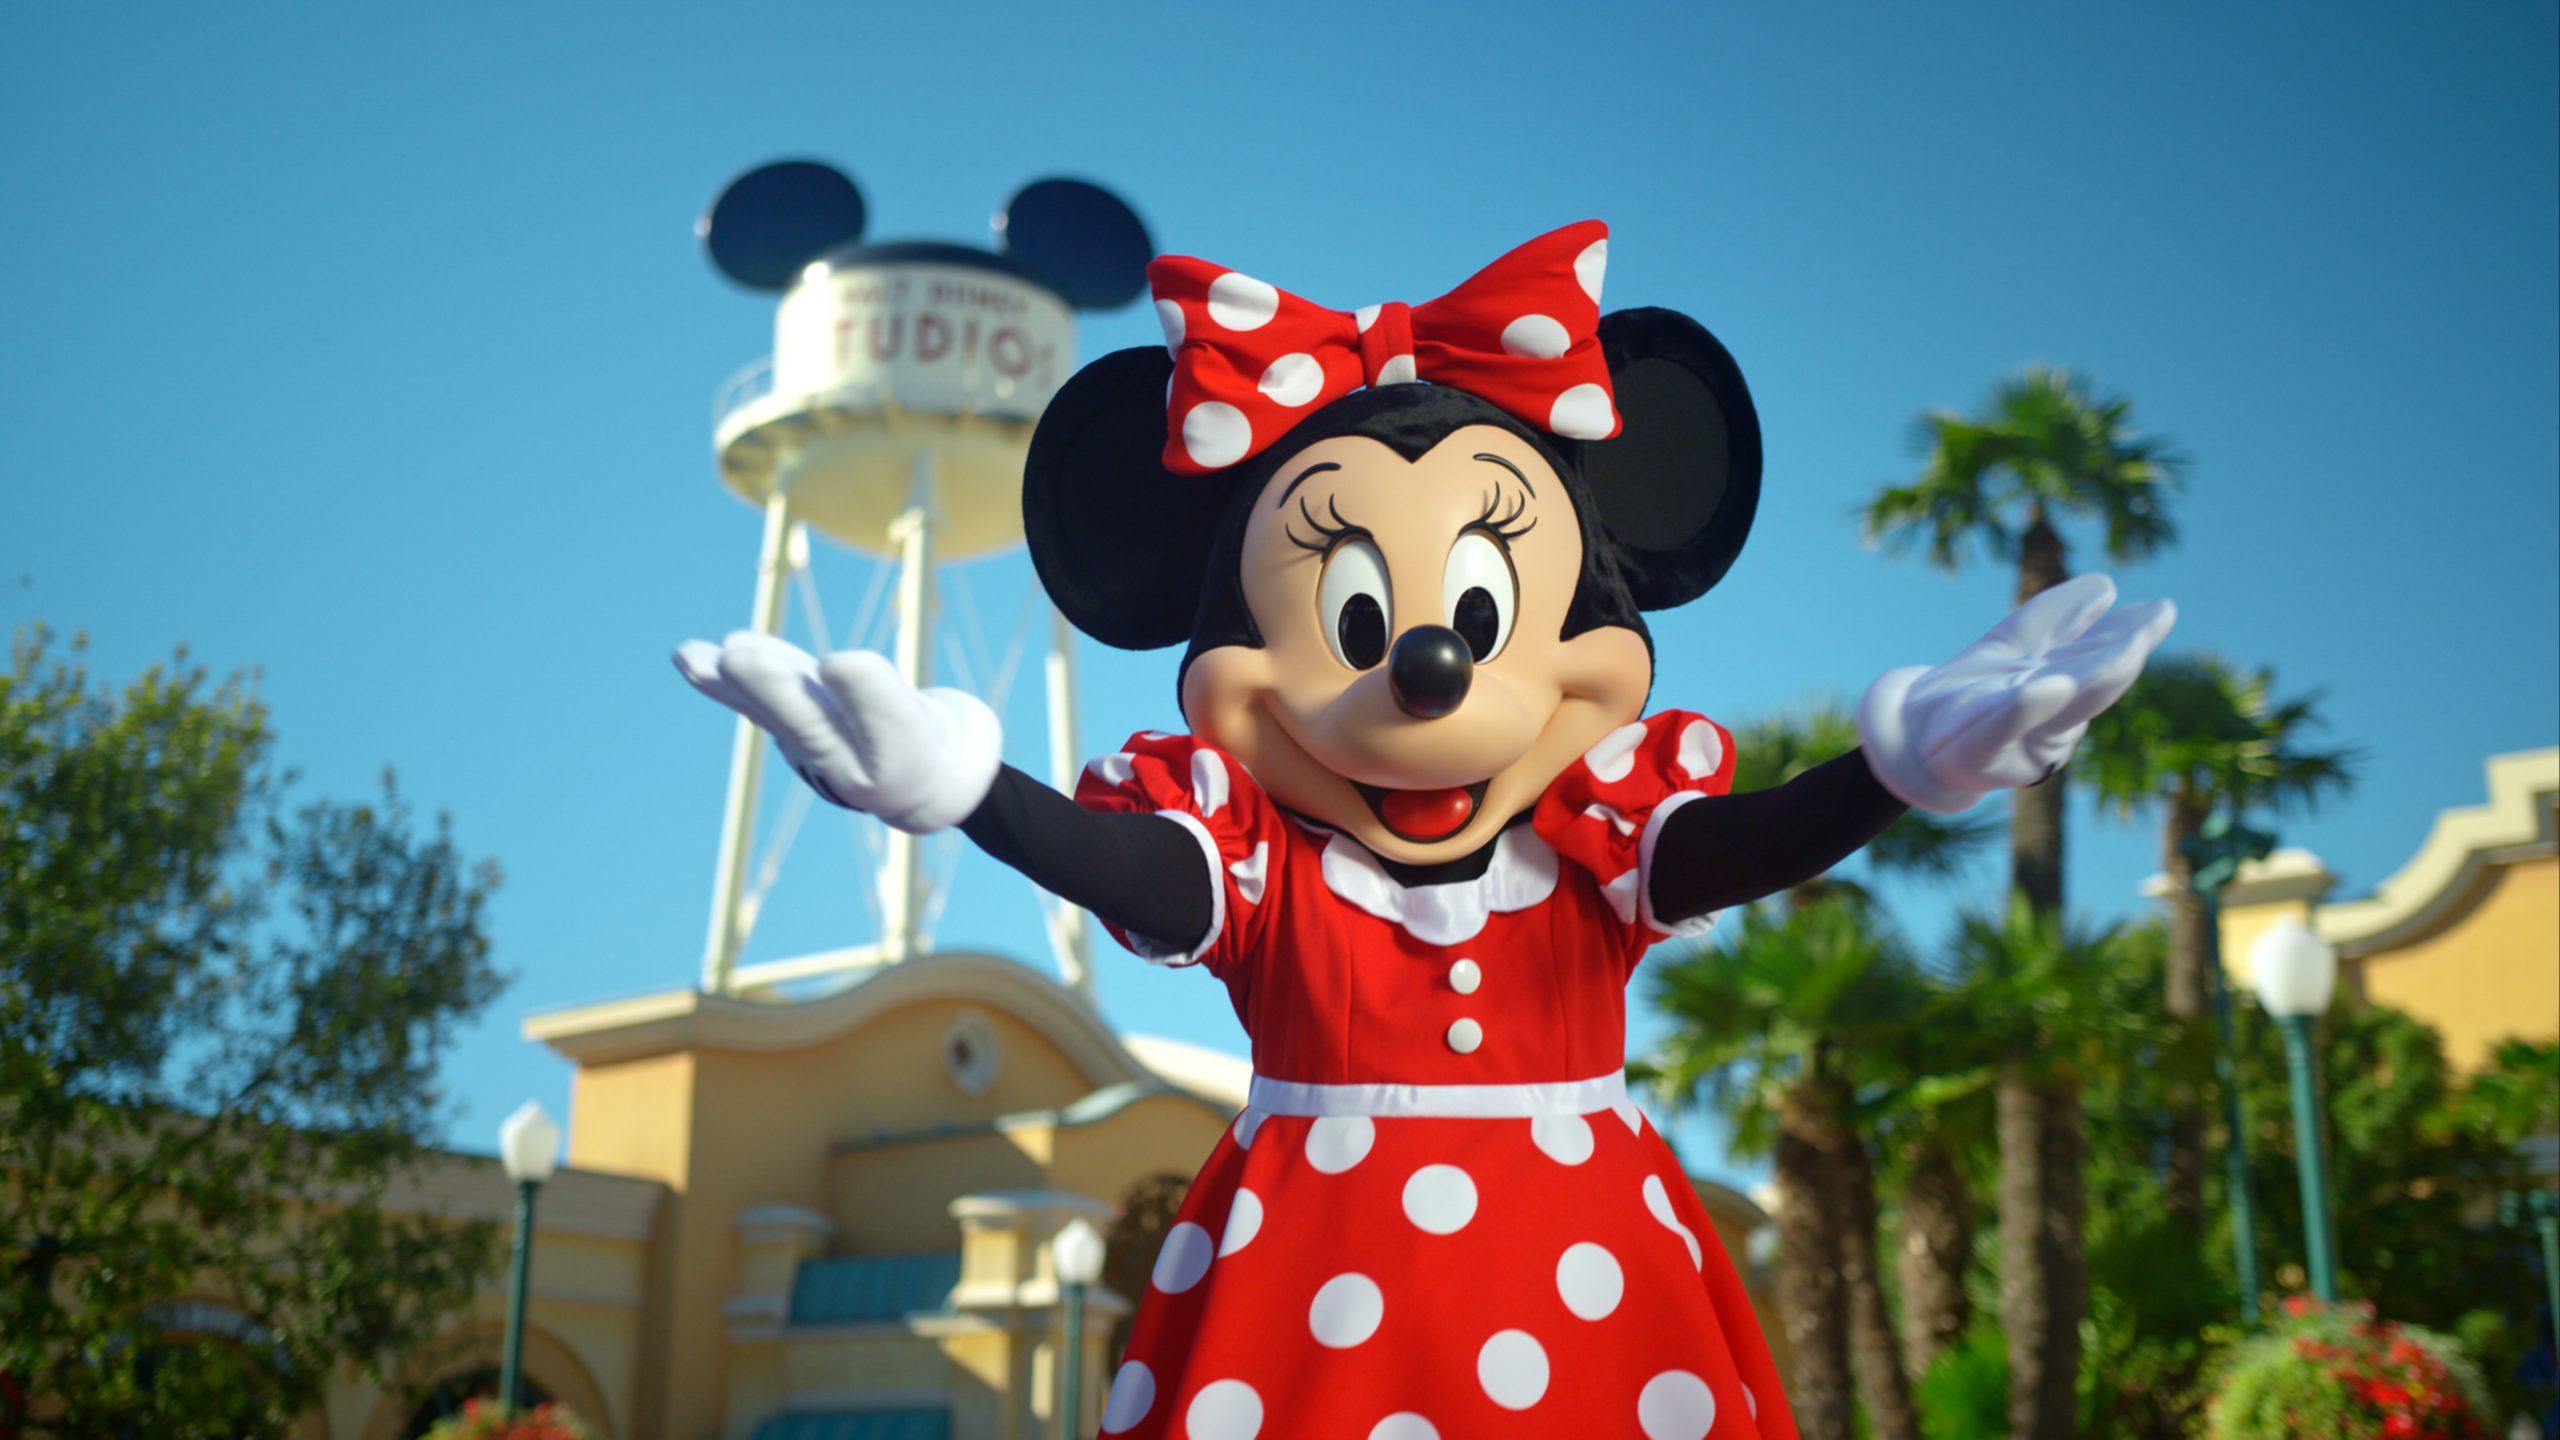 Minnie Mouse - Disneyland Paris